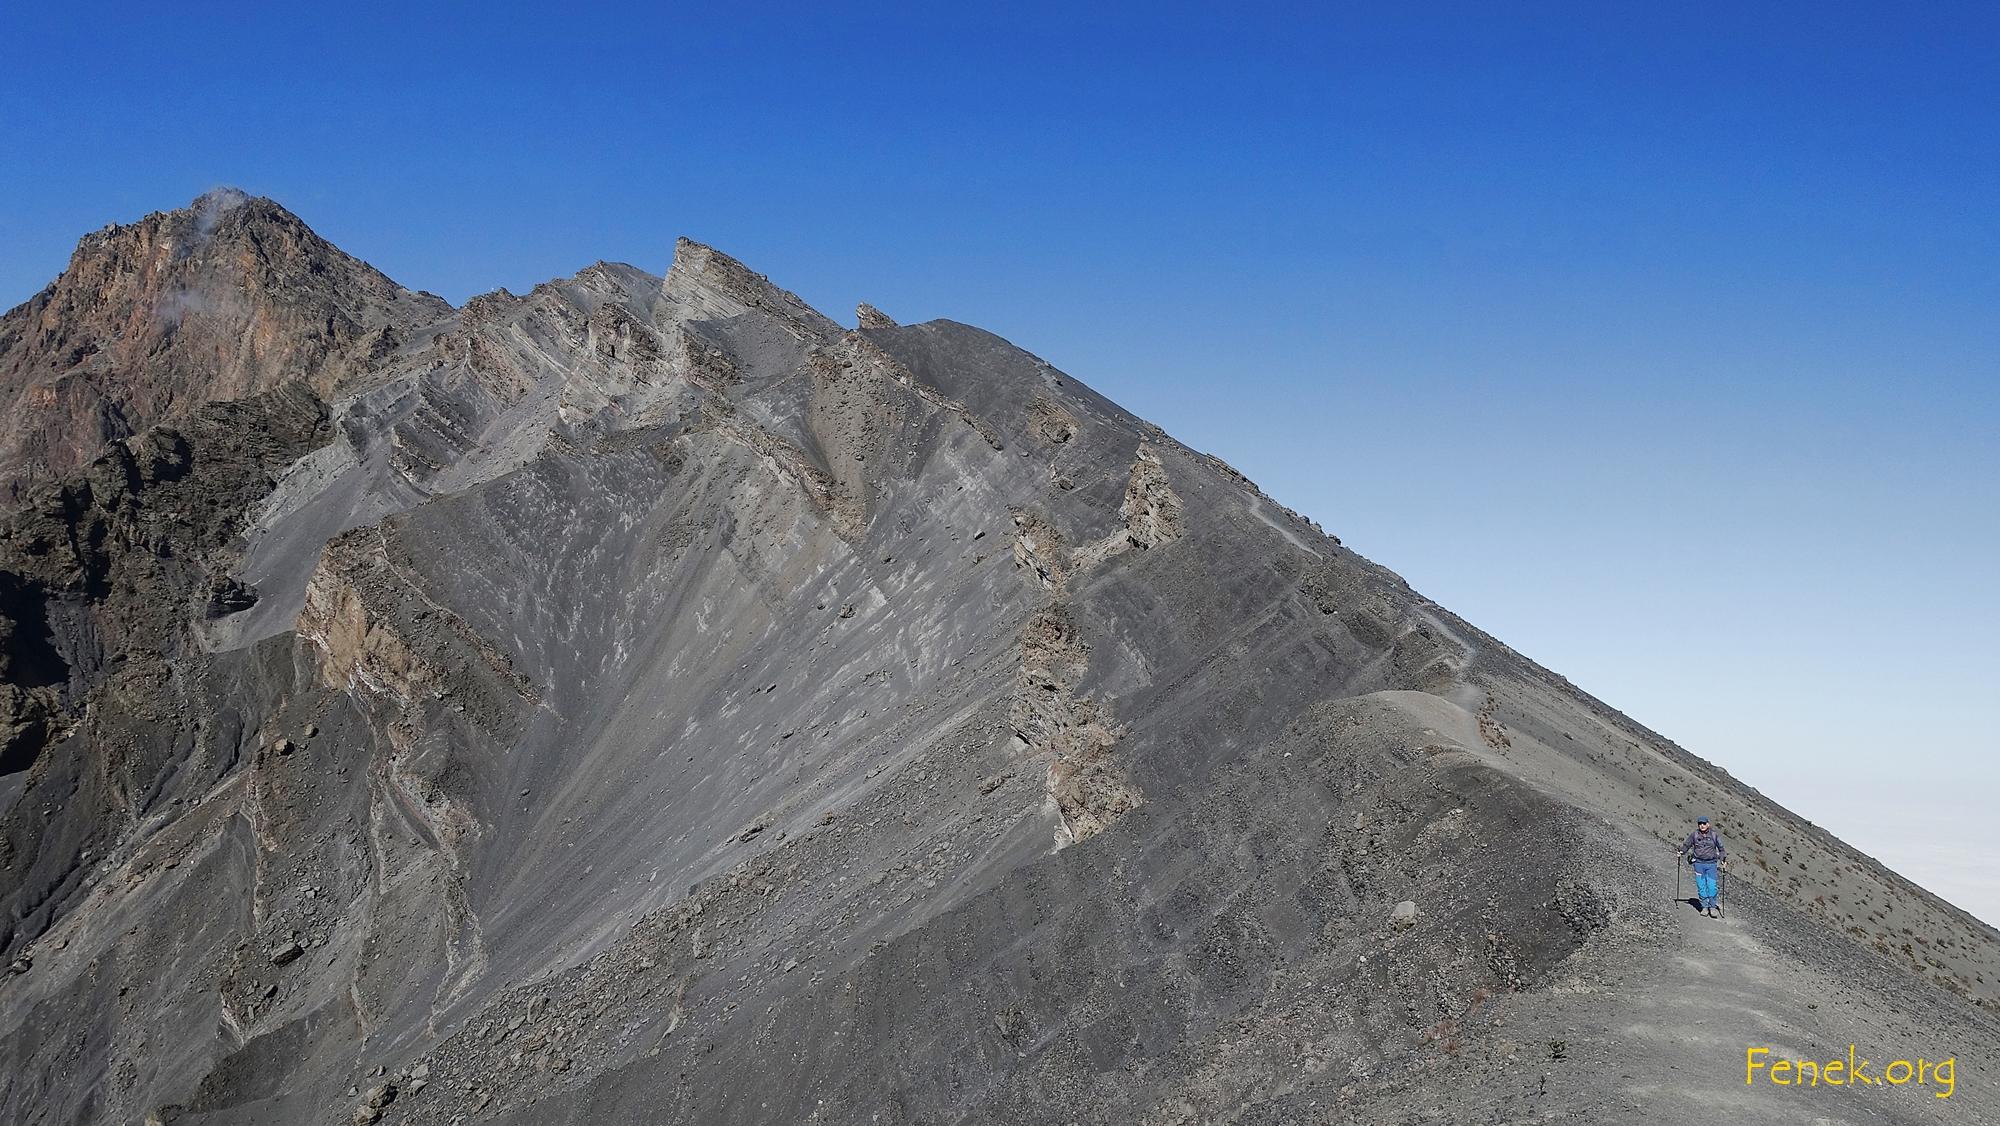 Mount Meru - riesige Dimension